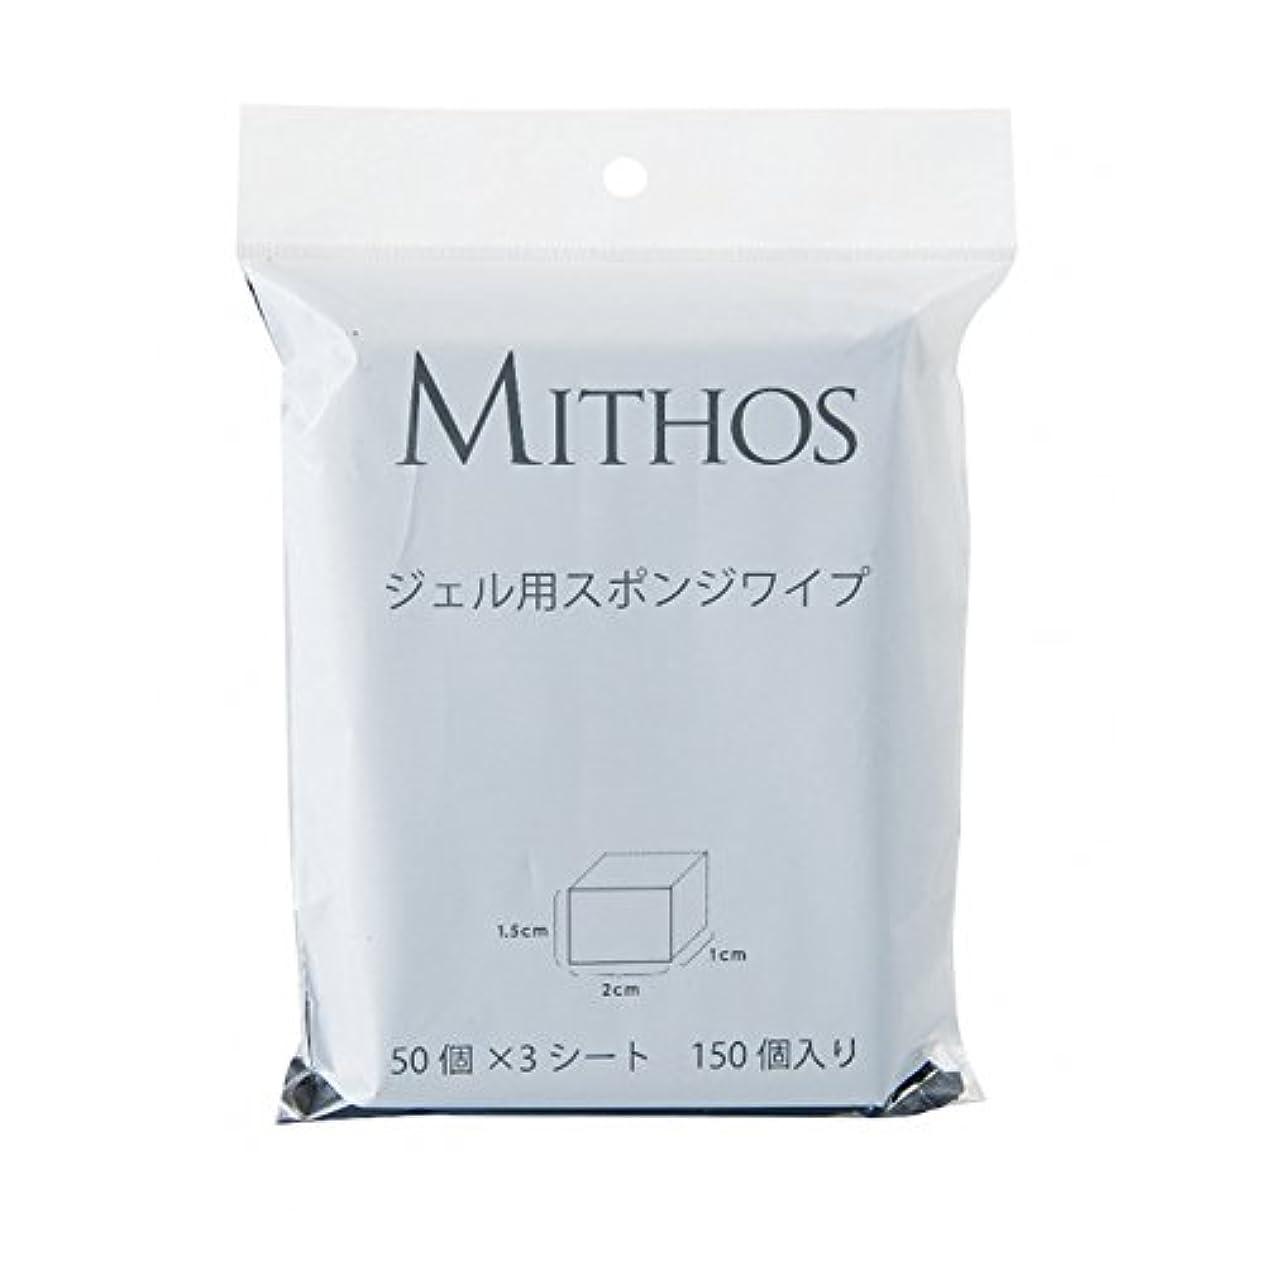 辛いデンマーククリープMITHOS ジェル用スポンジワイプ 150P 1.5×2×1cm 50個×3シート